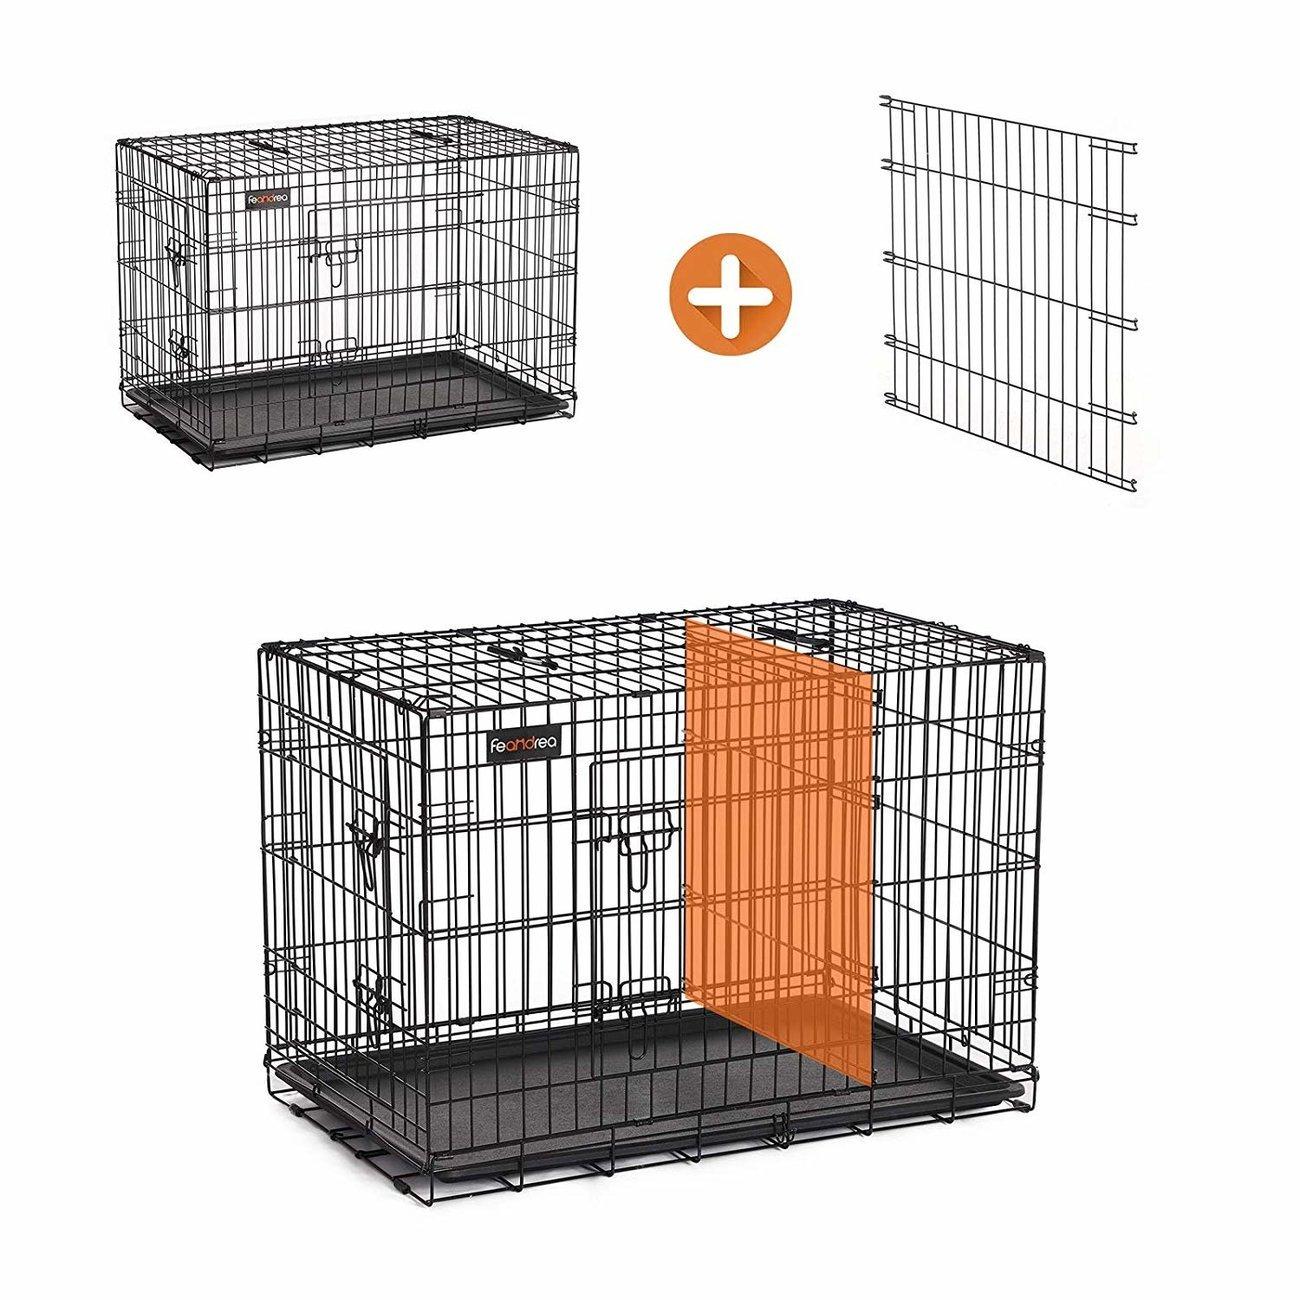 FEANDREA Hundekäfig, Hundebox mit Trennwand, 2 Türen, Bild 4